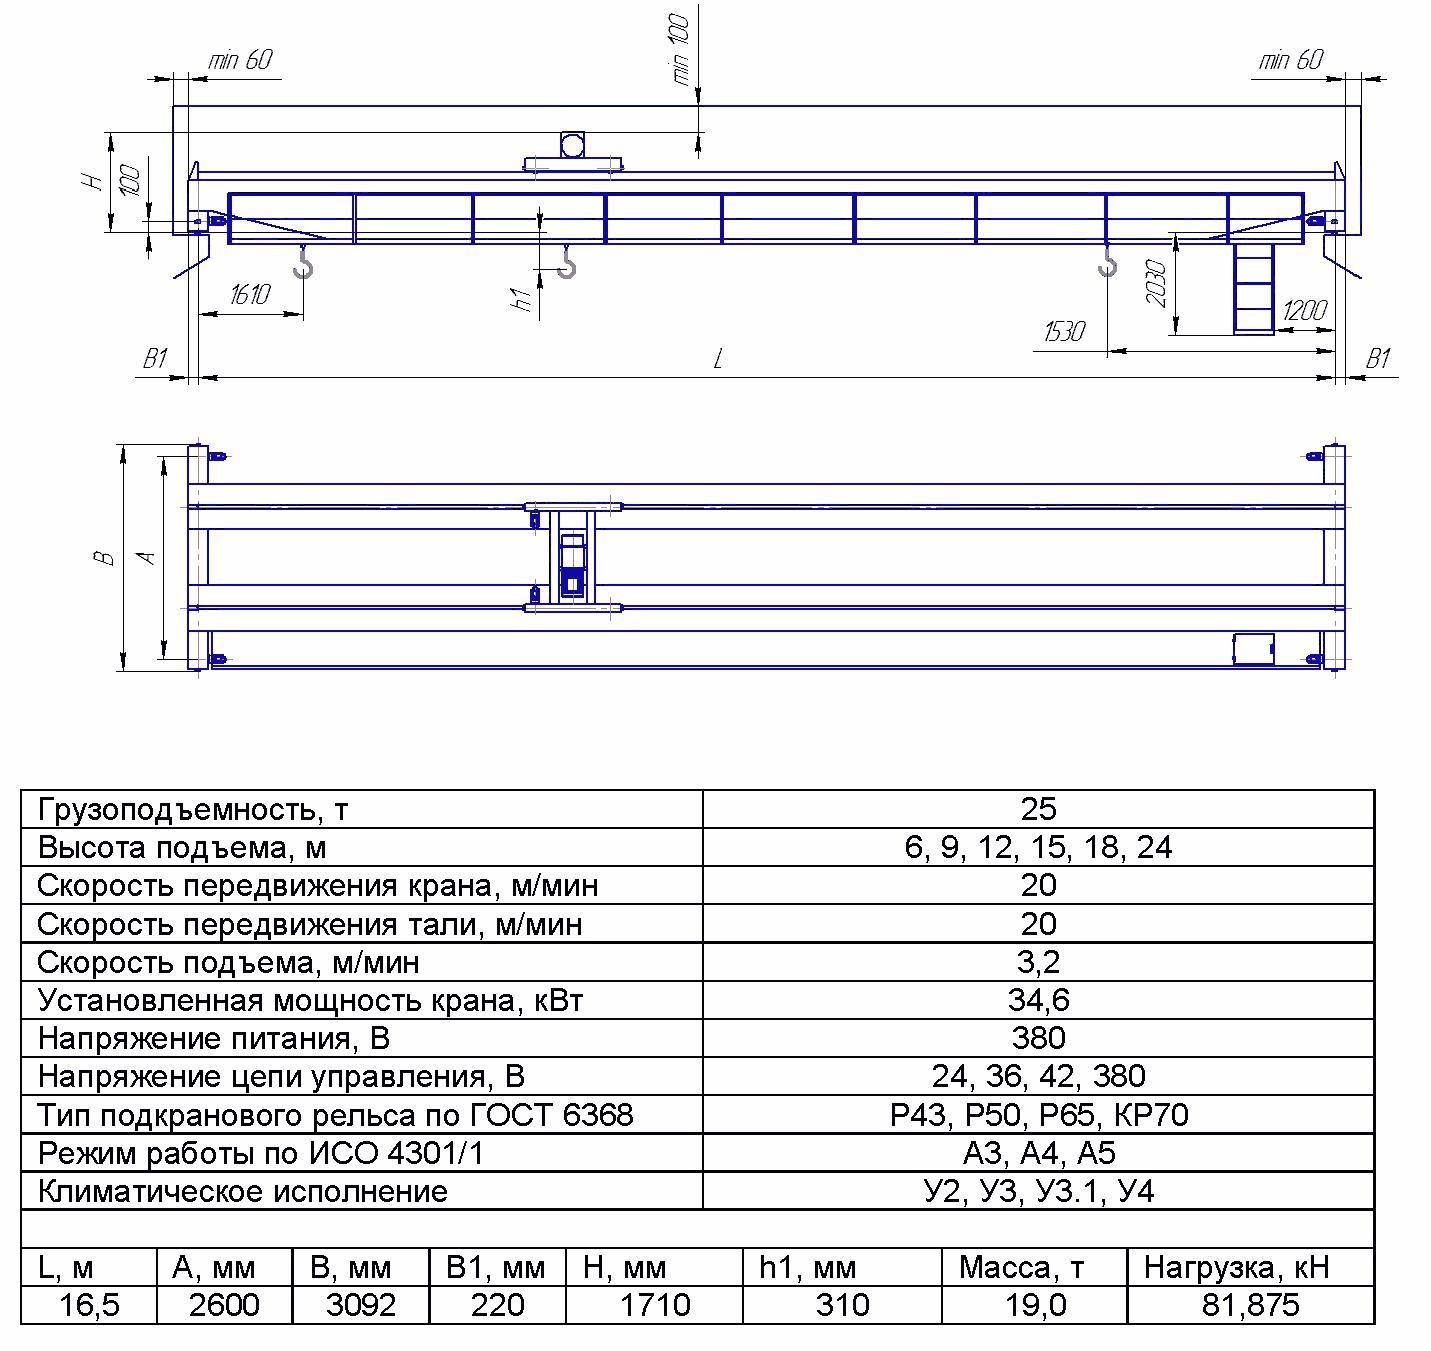 KMON 6 3 - Опорный мостовой кран общего назначения